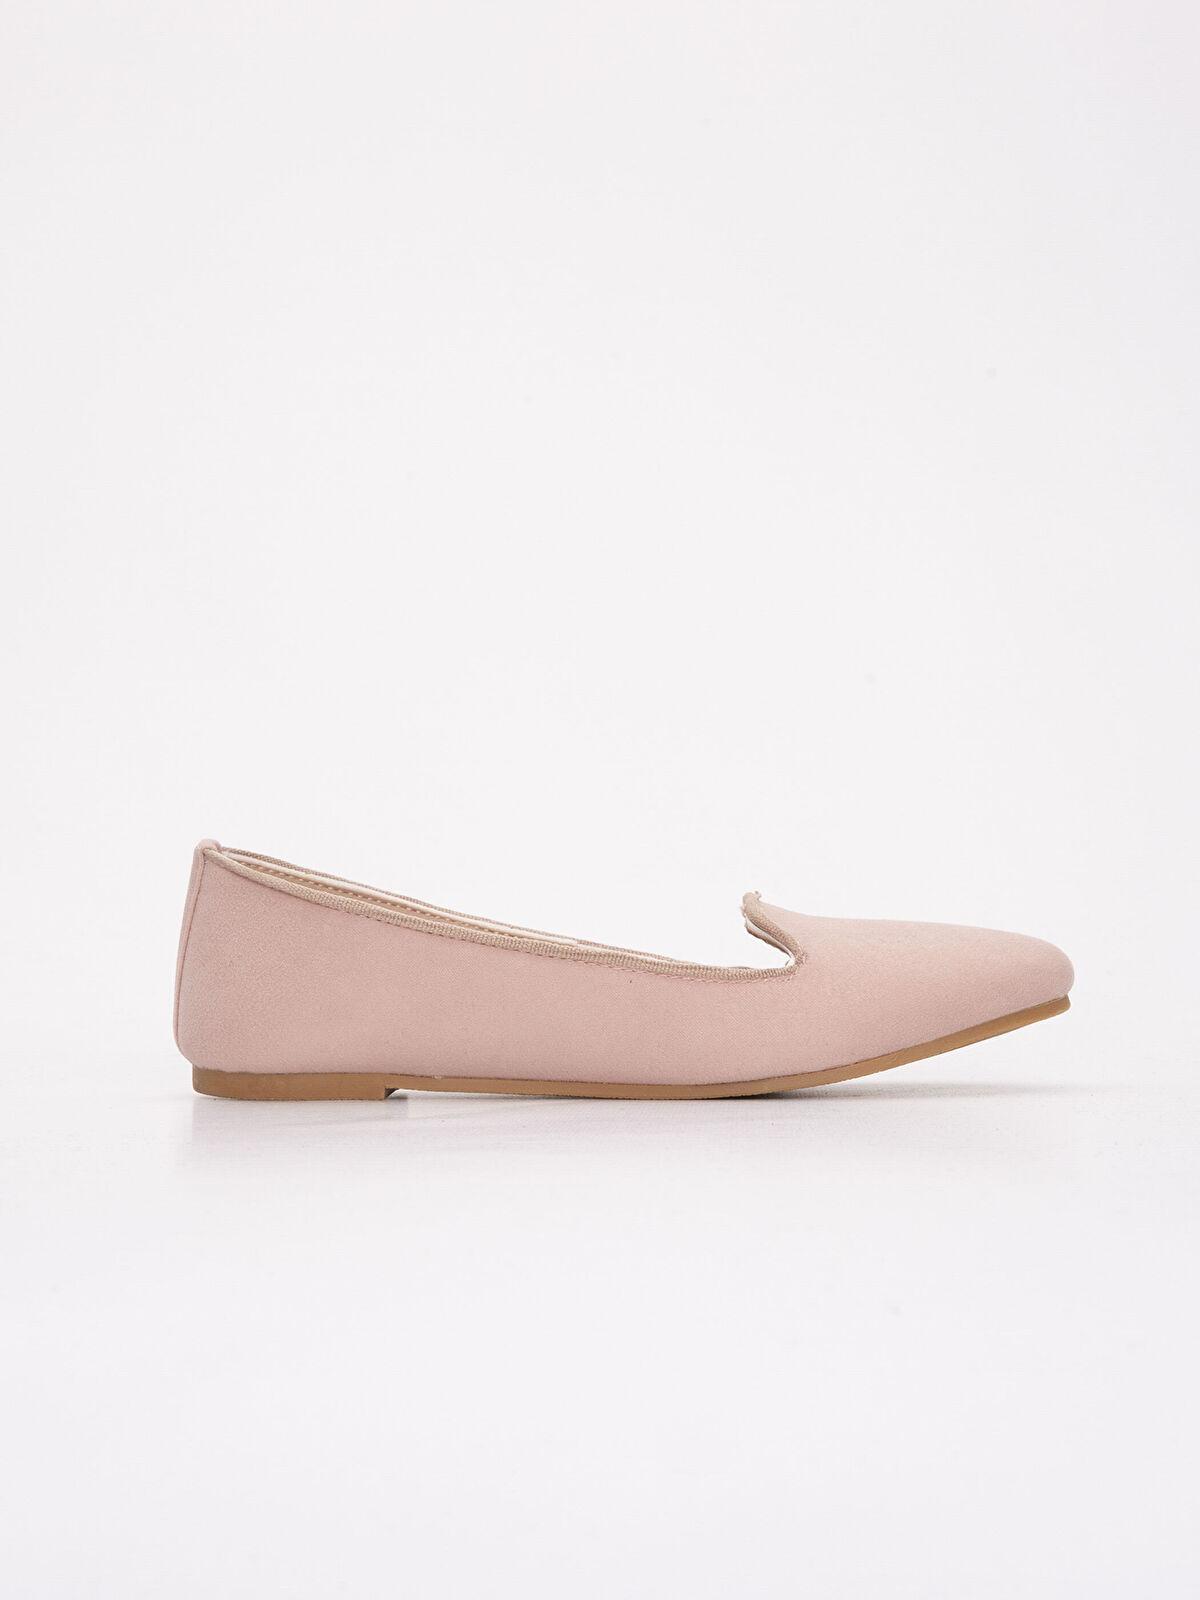 Kadın Babet Ayakkabı - LC WAIKIKI